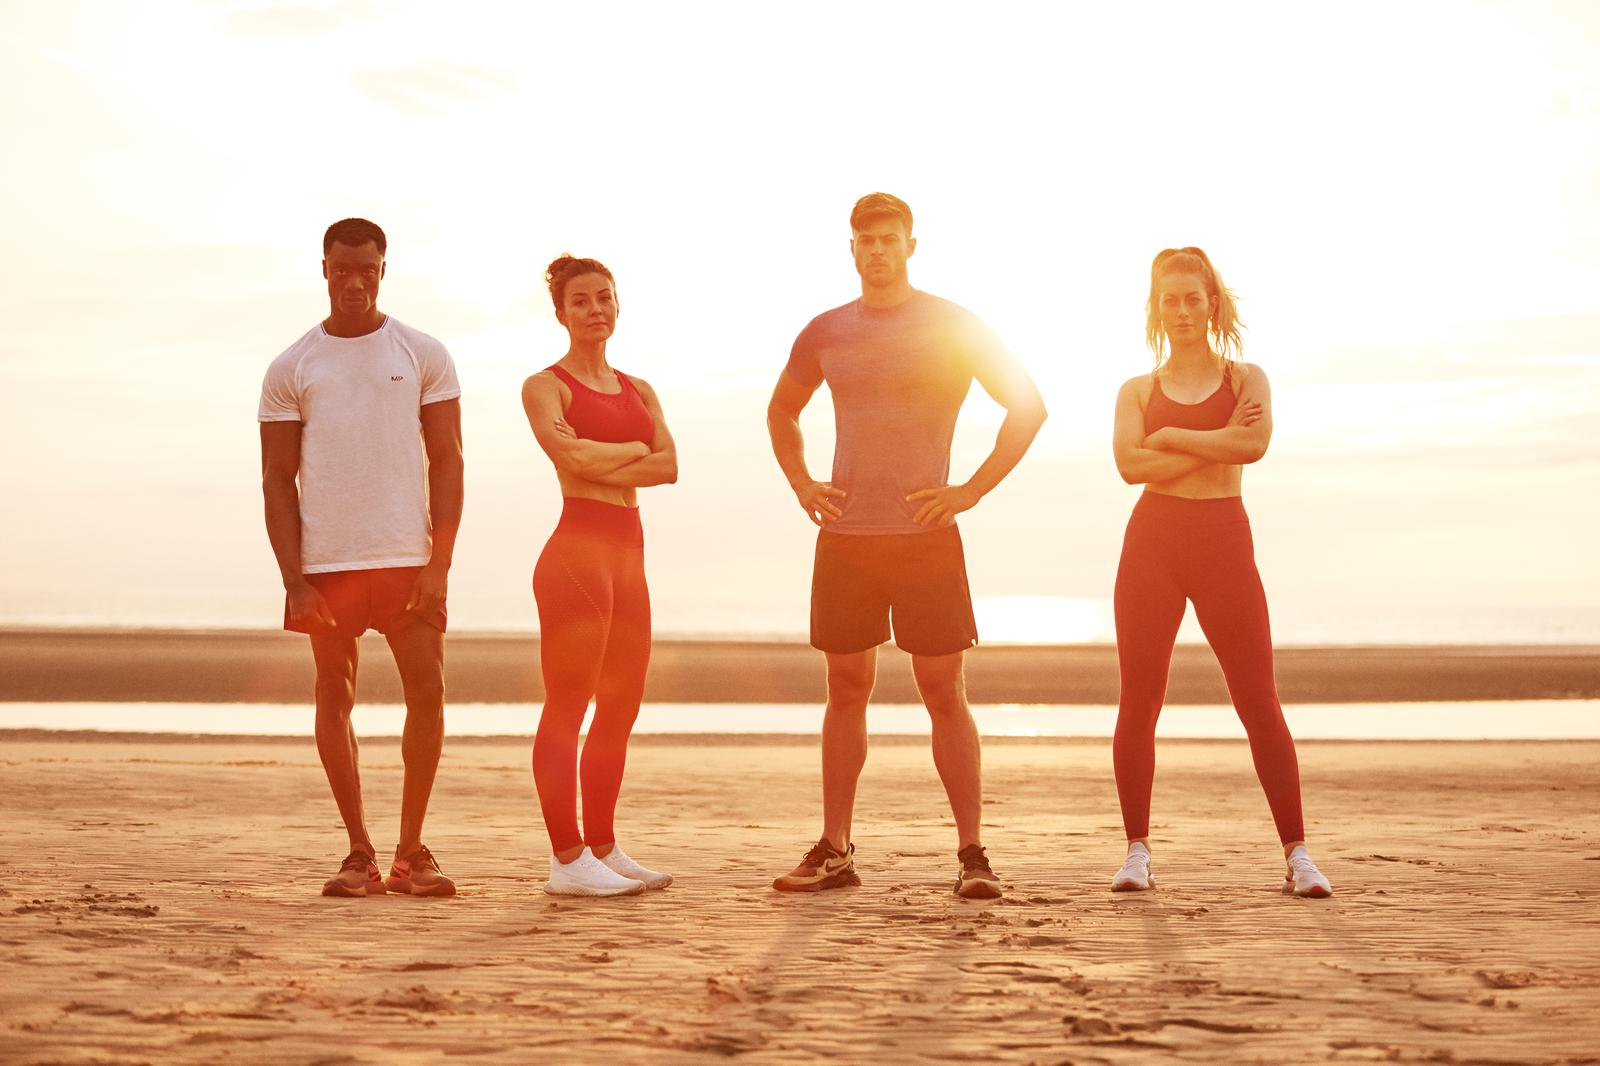 Beste gezondheids- en fitness-gebeurtenissen die in 2020 hebben plaatsgevonden